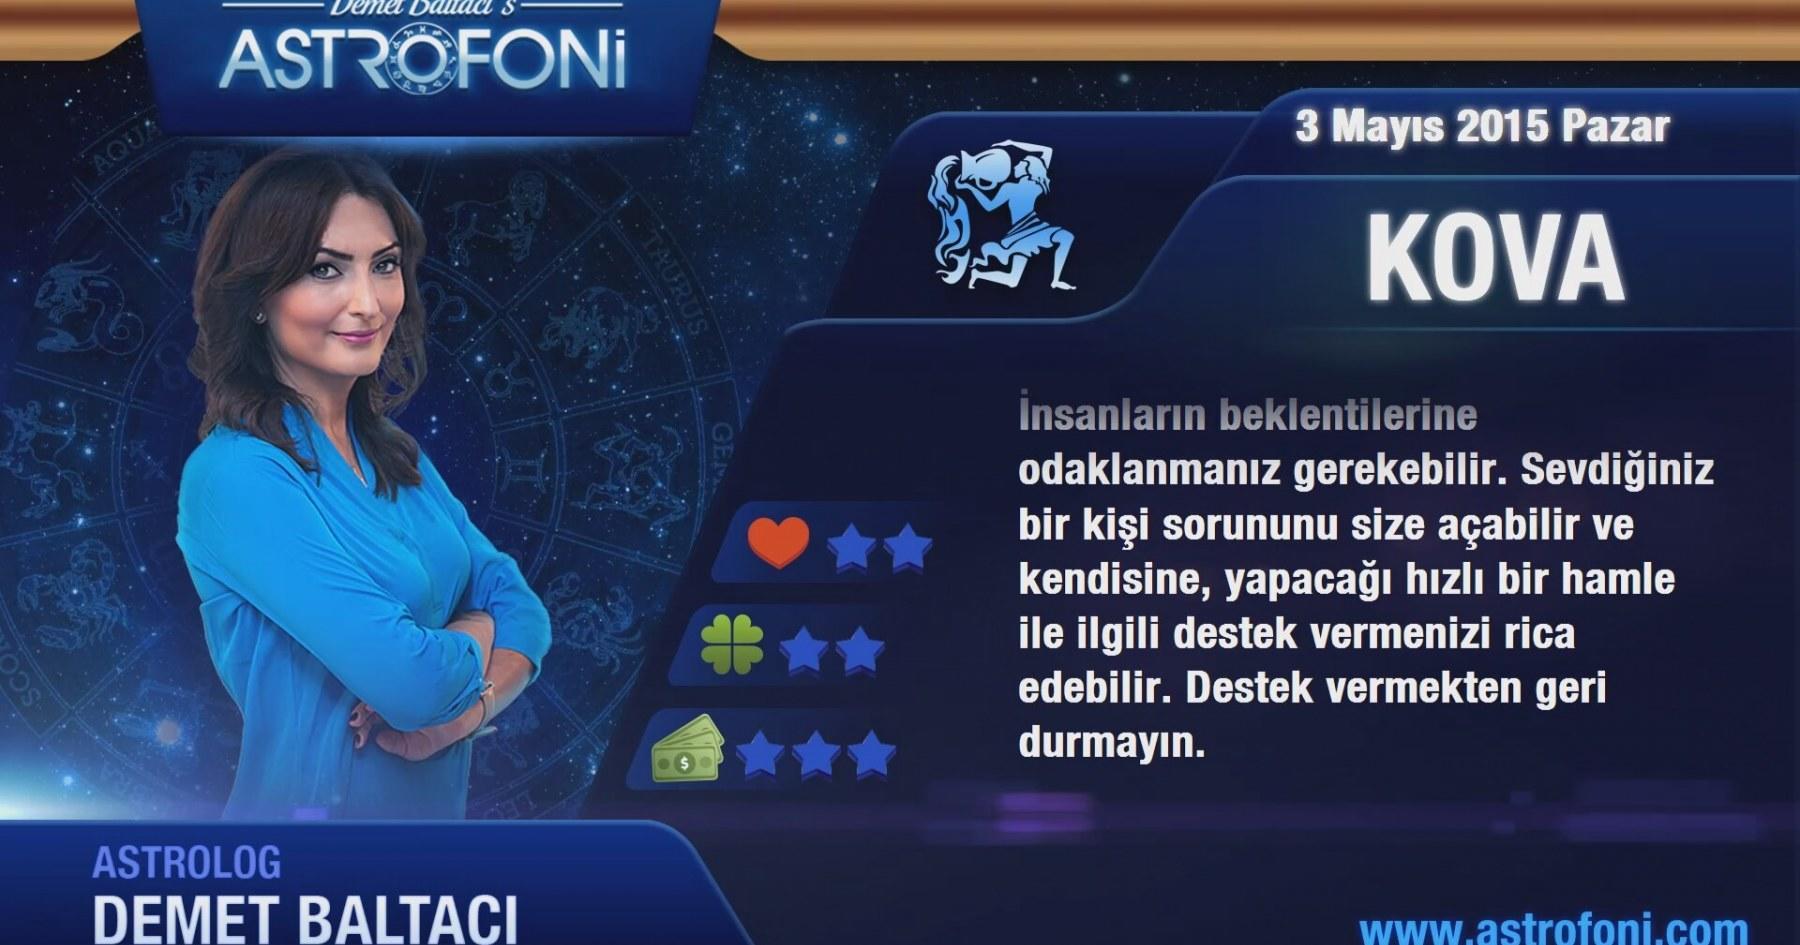 kova-burcu-gunluk-yorumu-bugun-3-mayis-2015_8431212-3600_1800x945.jpg